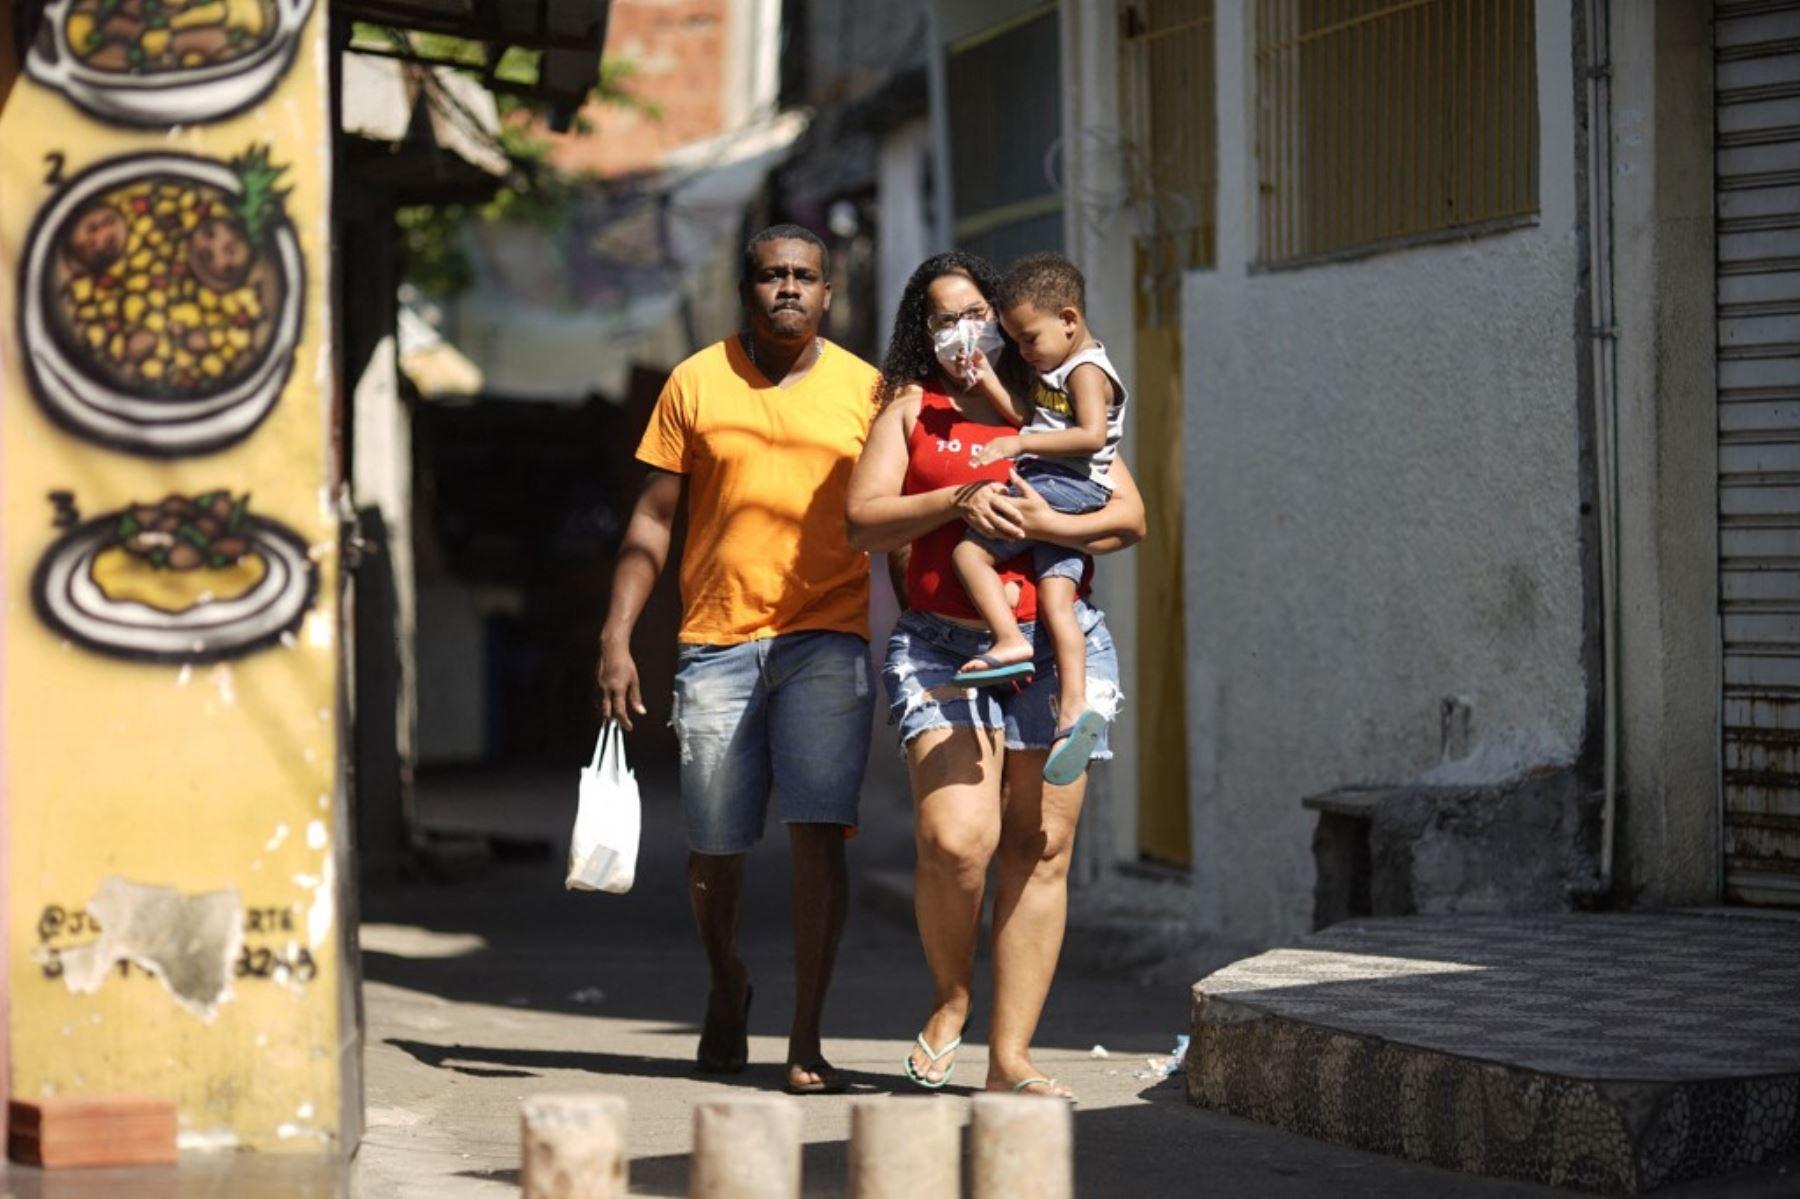 Los lugareños son vistos durante una operación policial contra narcotraficantes en la favela Jacarezinho en el estado de Río de Janeiro, Brasil, el 6 de mayo de 2021. Foto: AFP